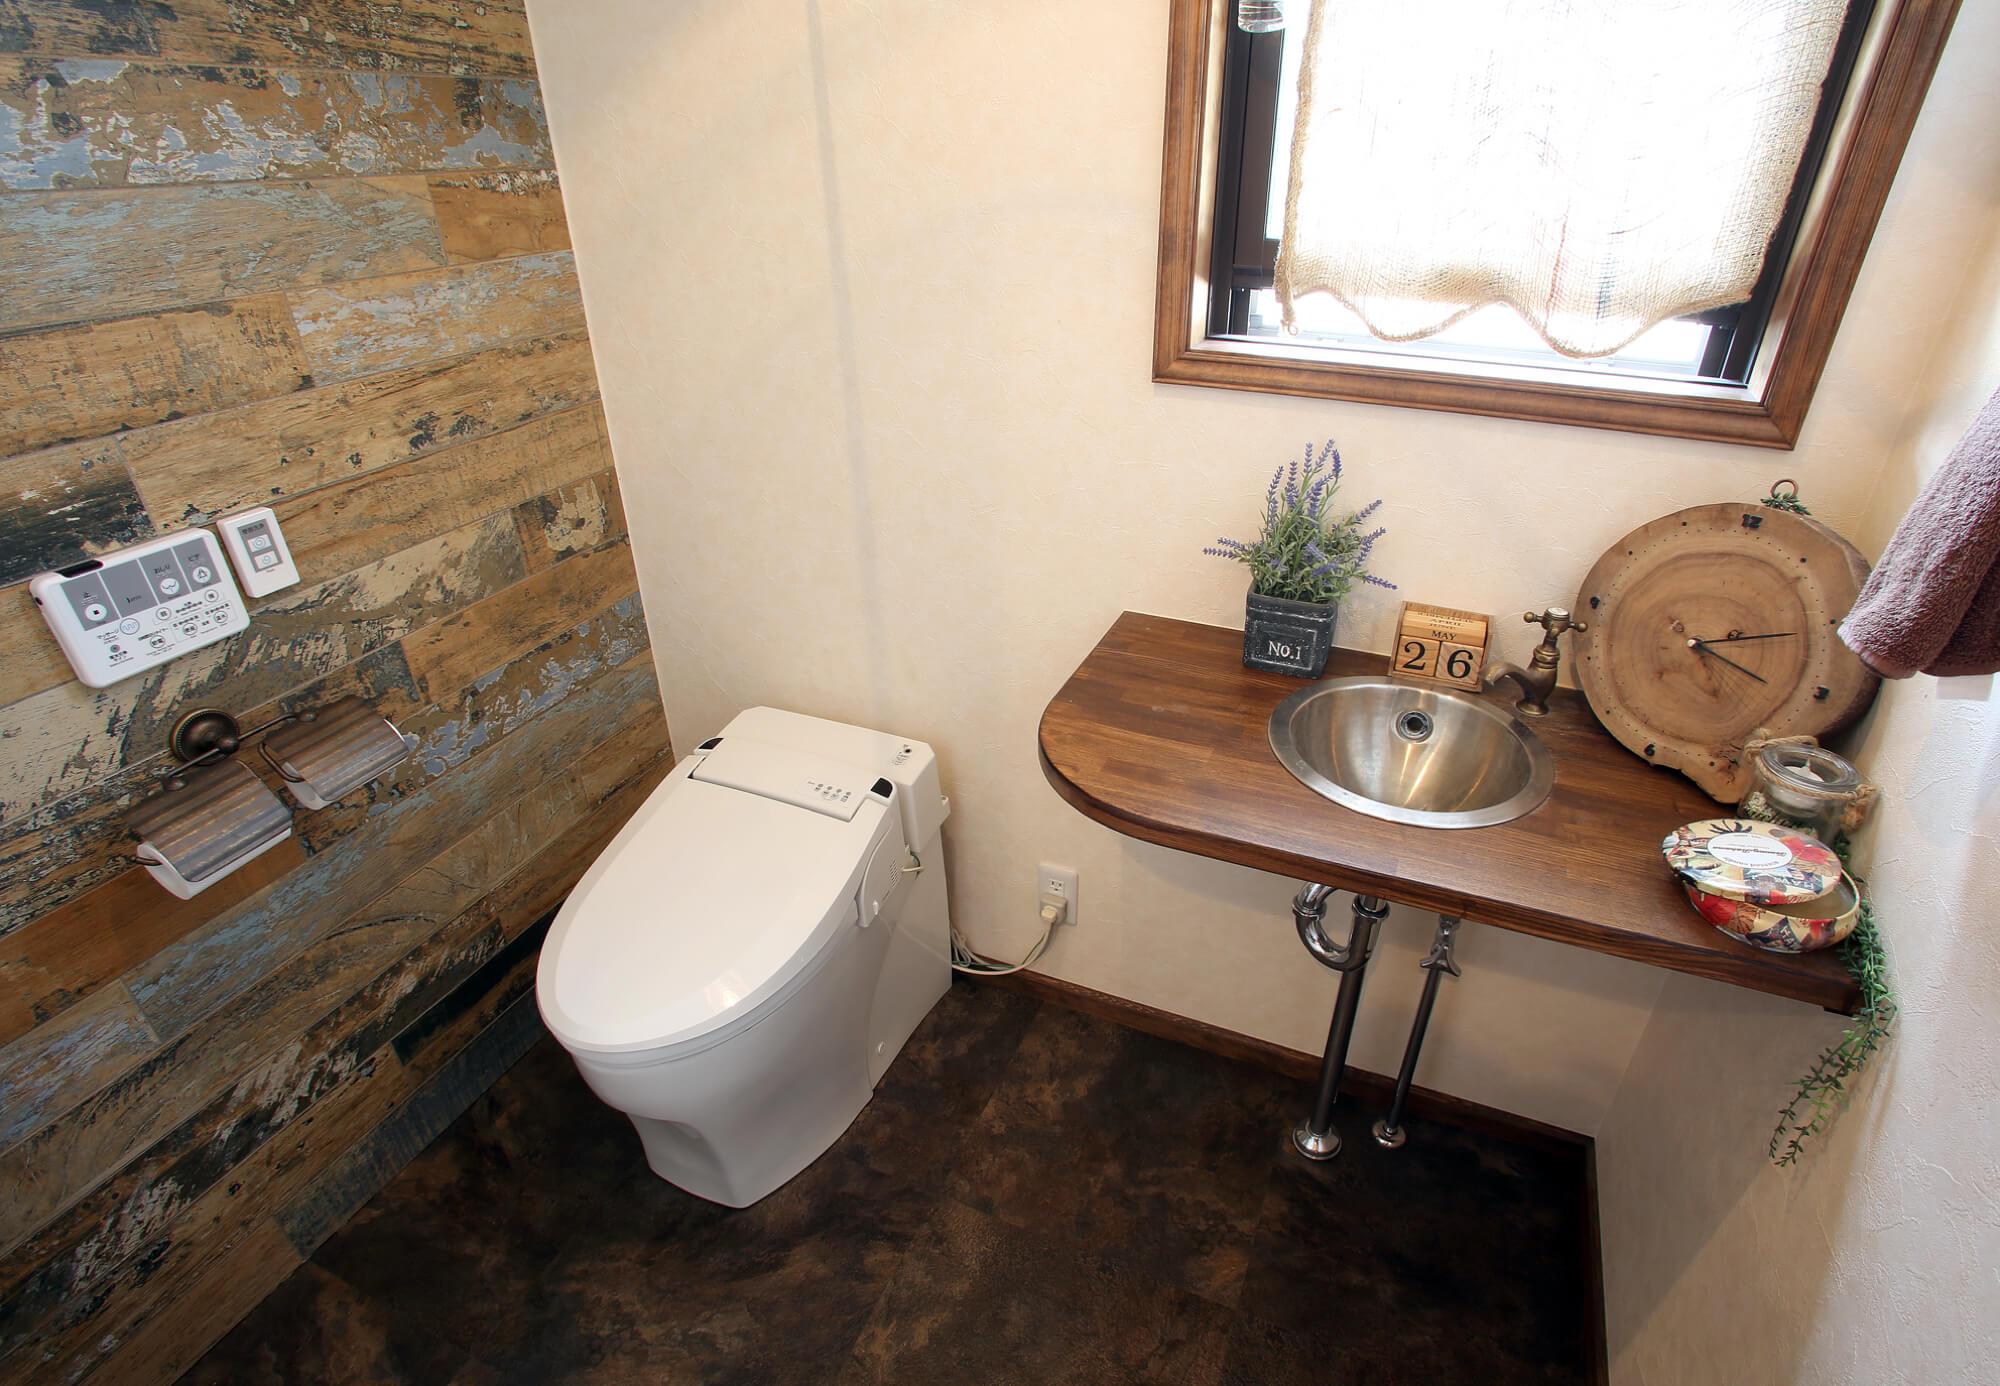 広々としたヴィンテージ感のあるトイレ